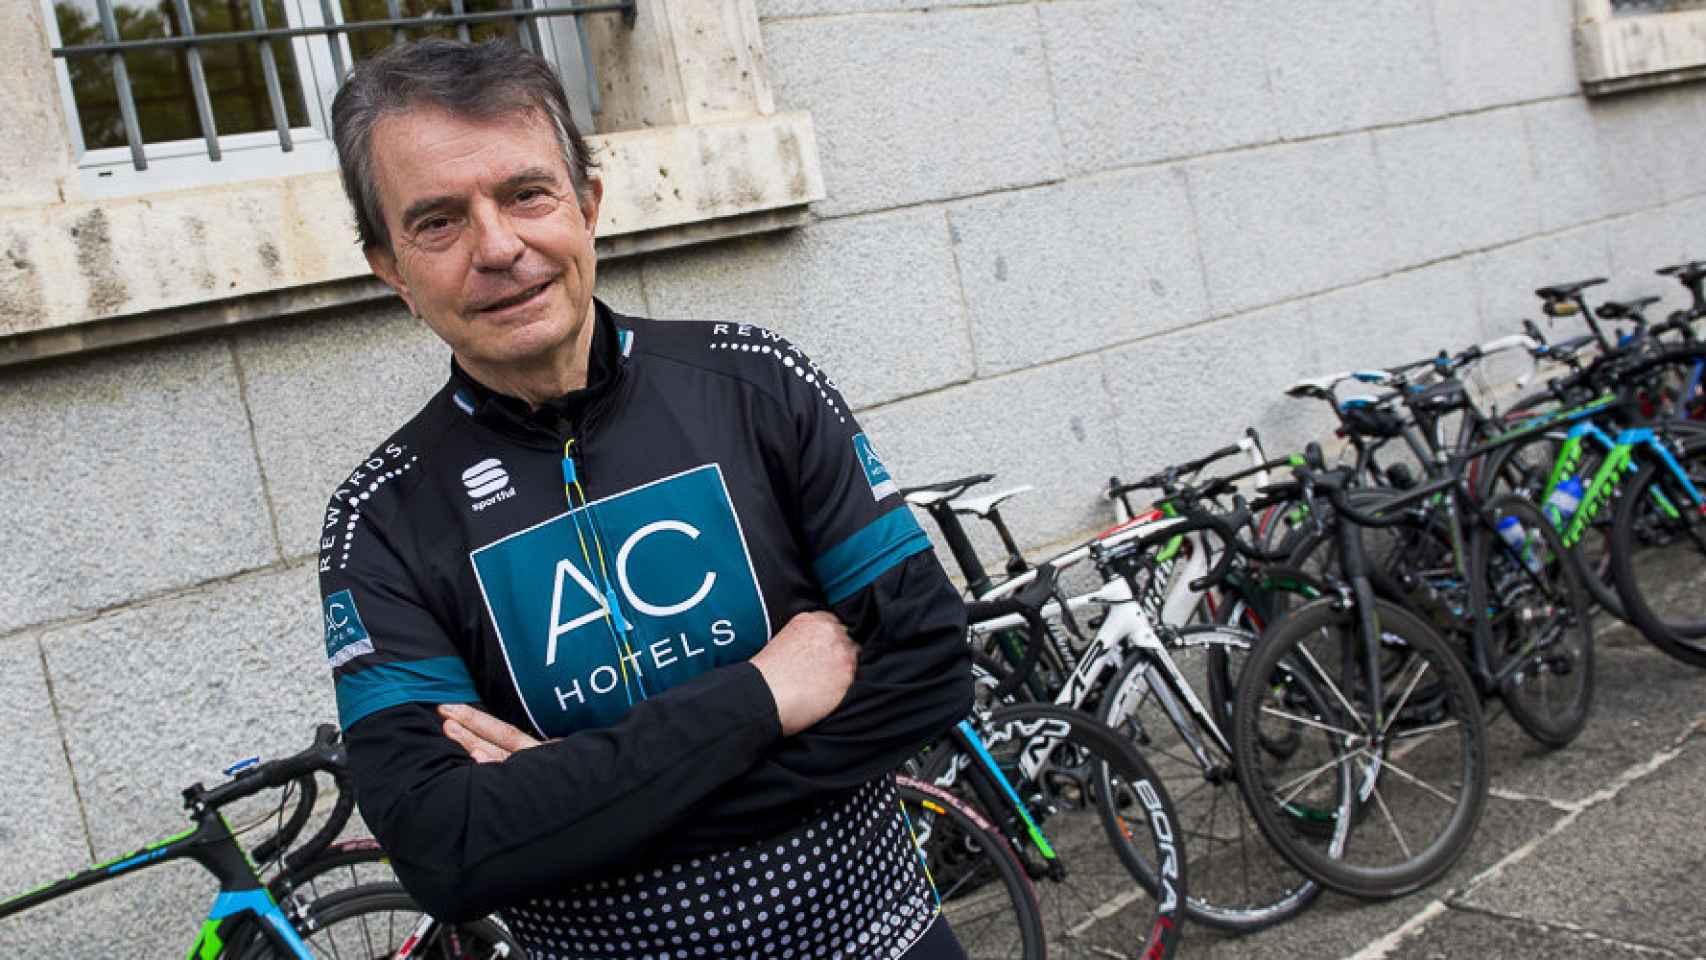 El empresario hotelero Antonio Catalán.